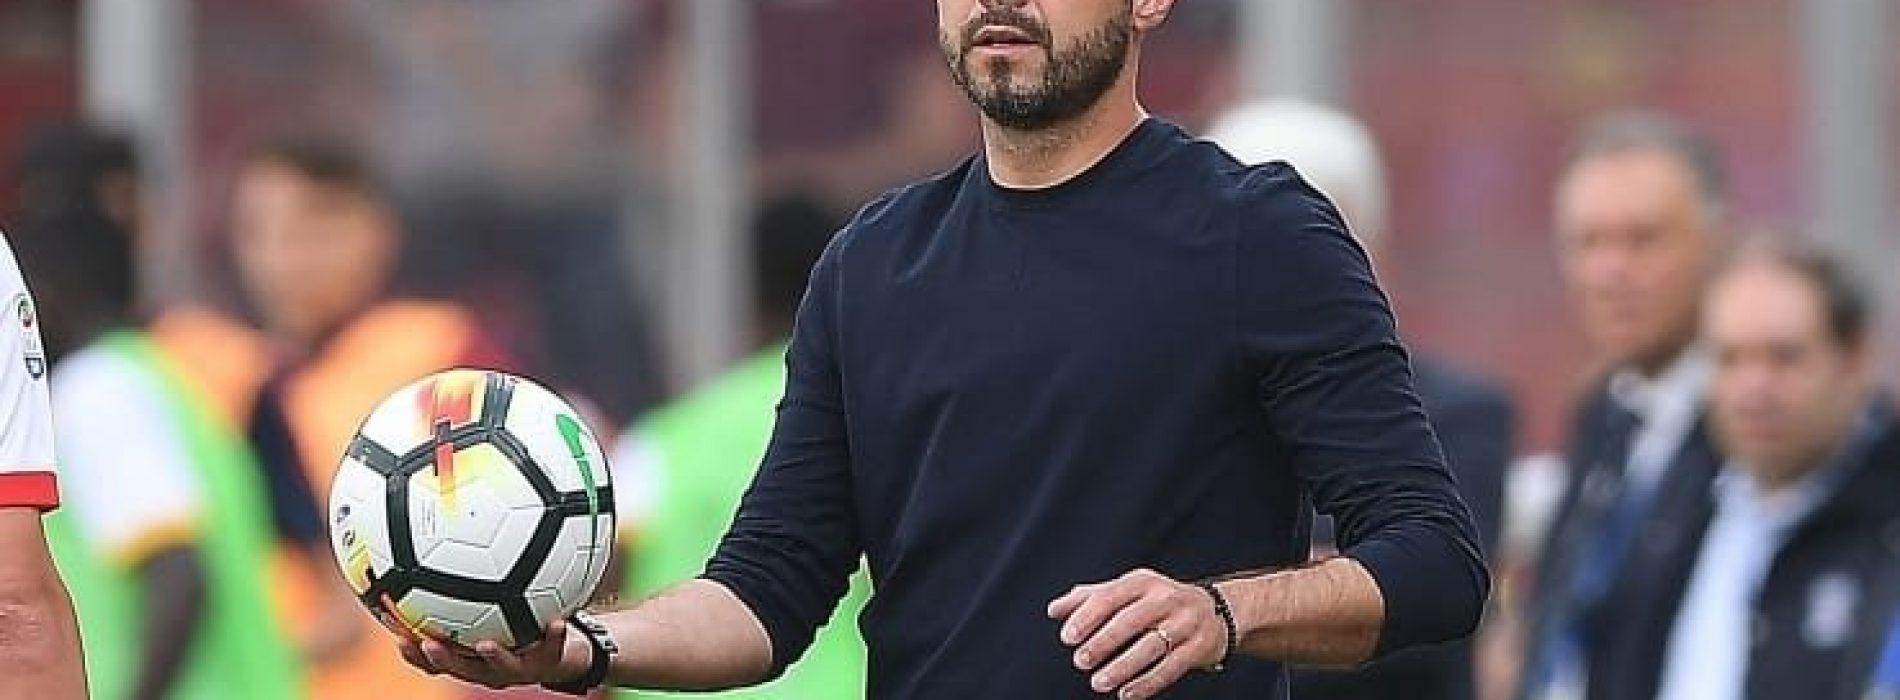 Sassuolo – De Zerbi prende tempo sul rinnovo: sarà addio a giugno?